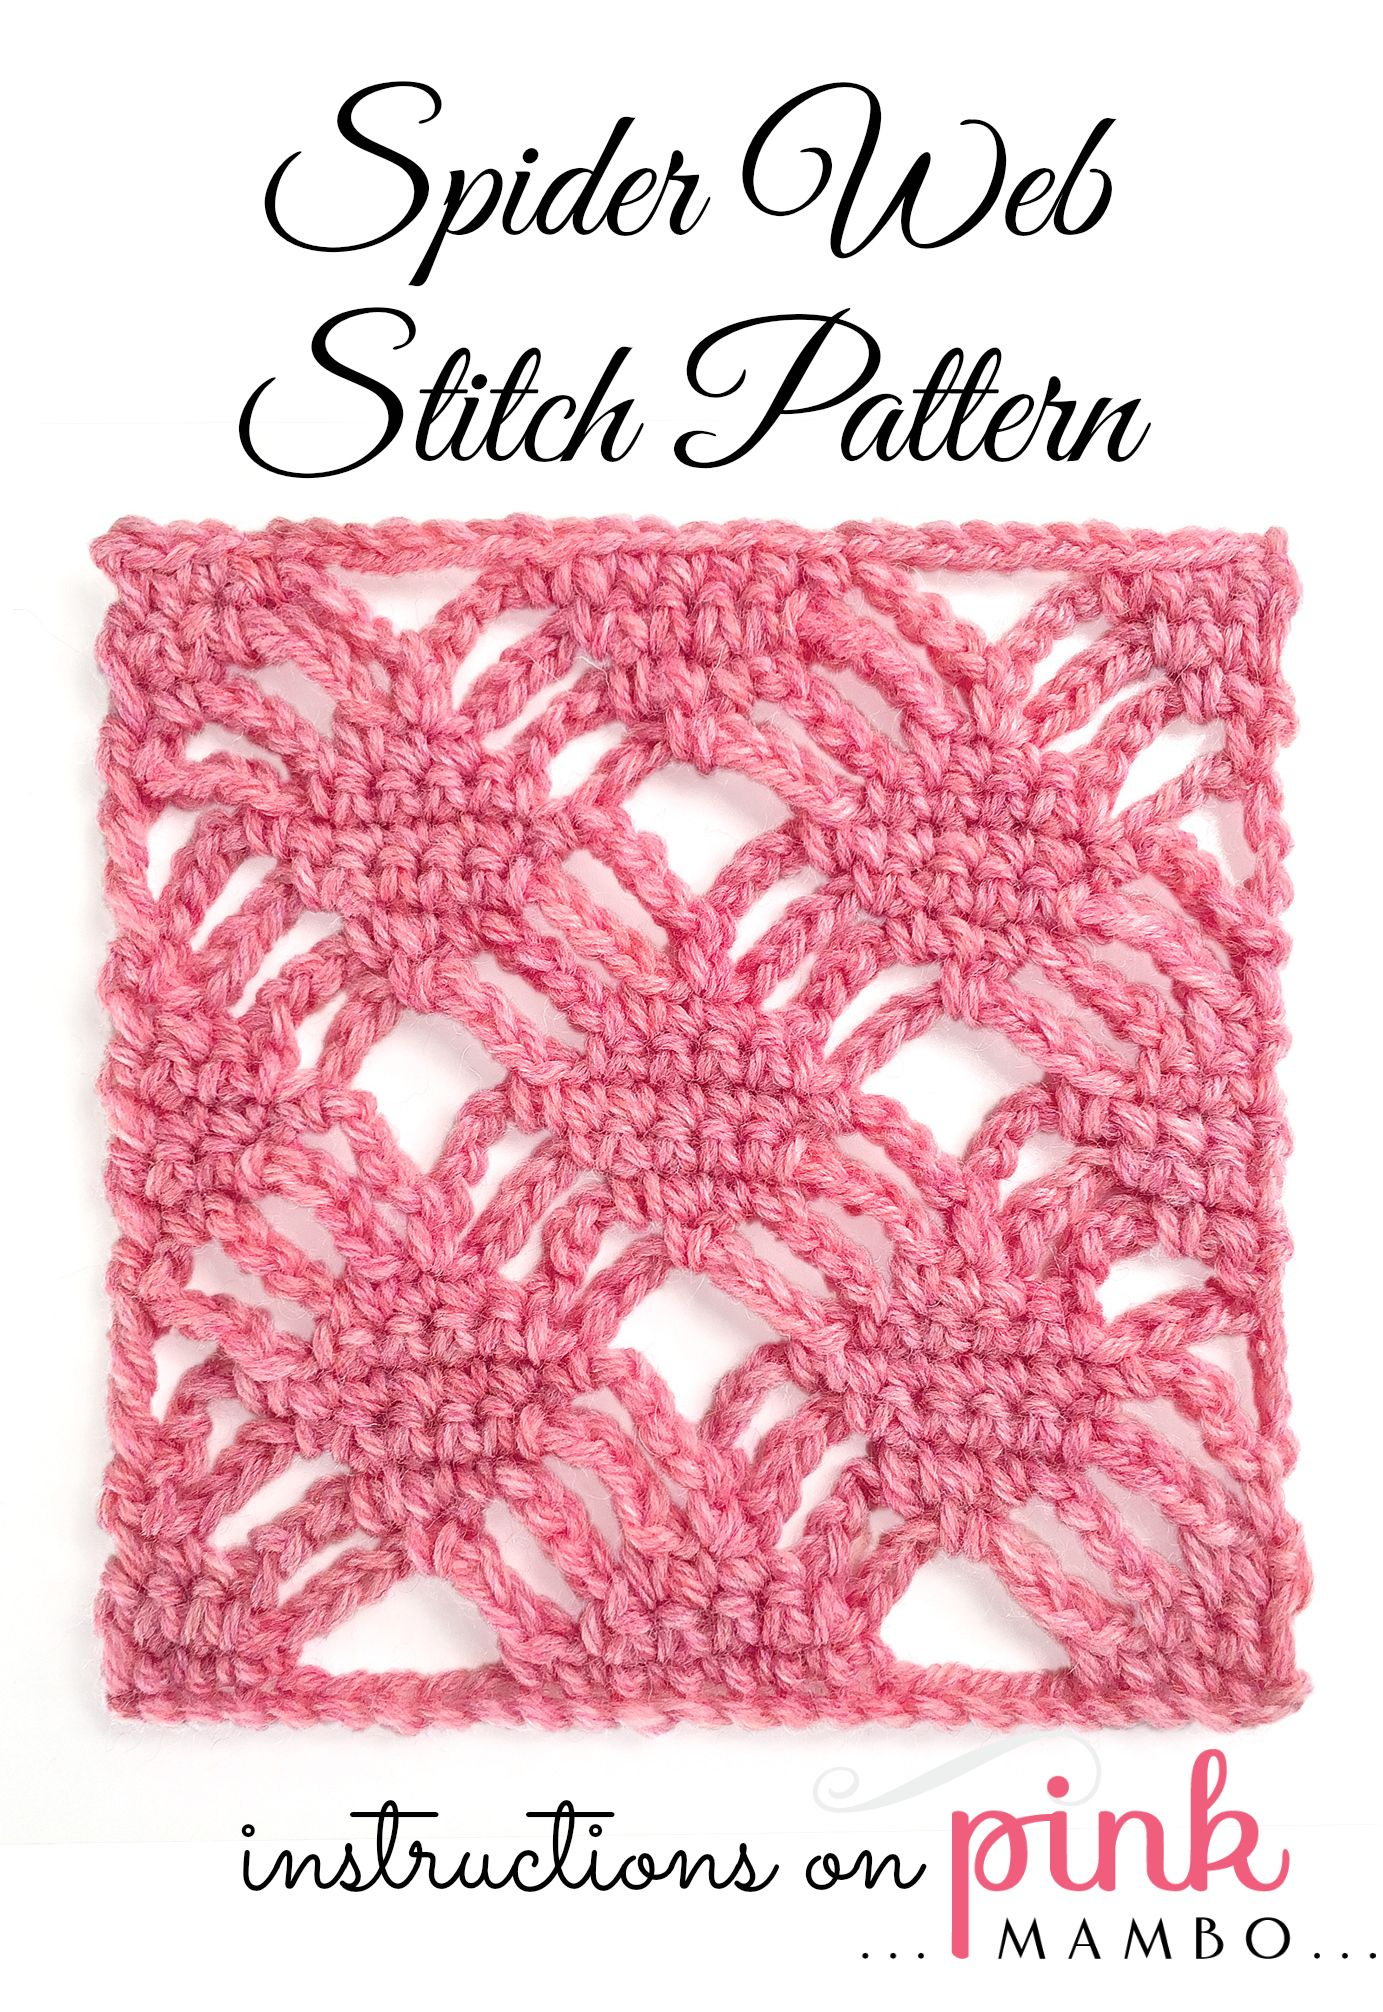 Spider Web Crochet Stitch Pattern | Crochet patterns Pink Mambo ...